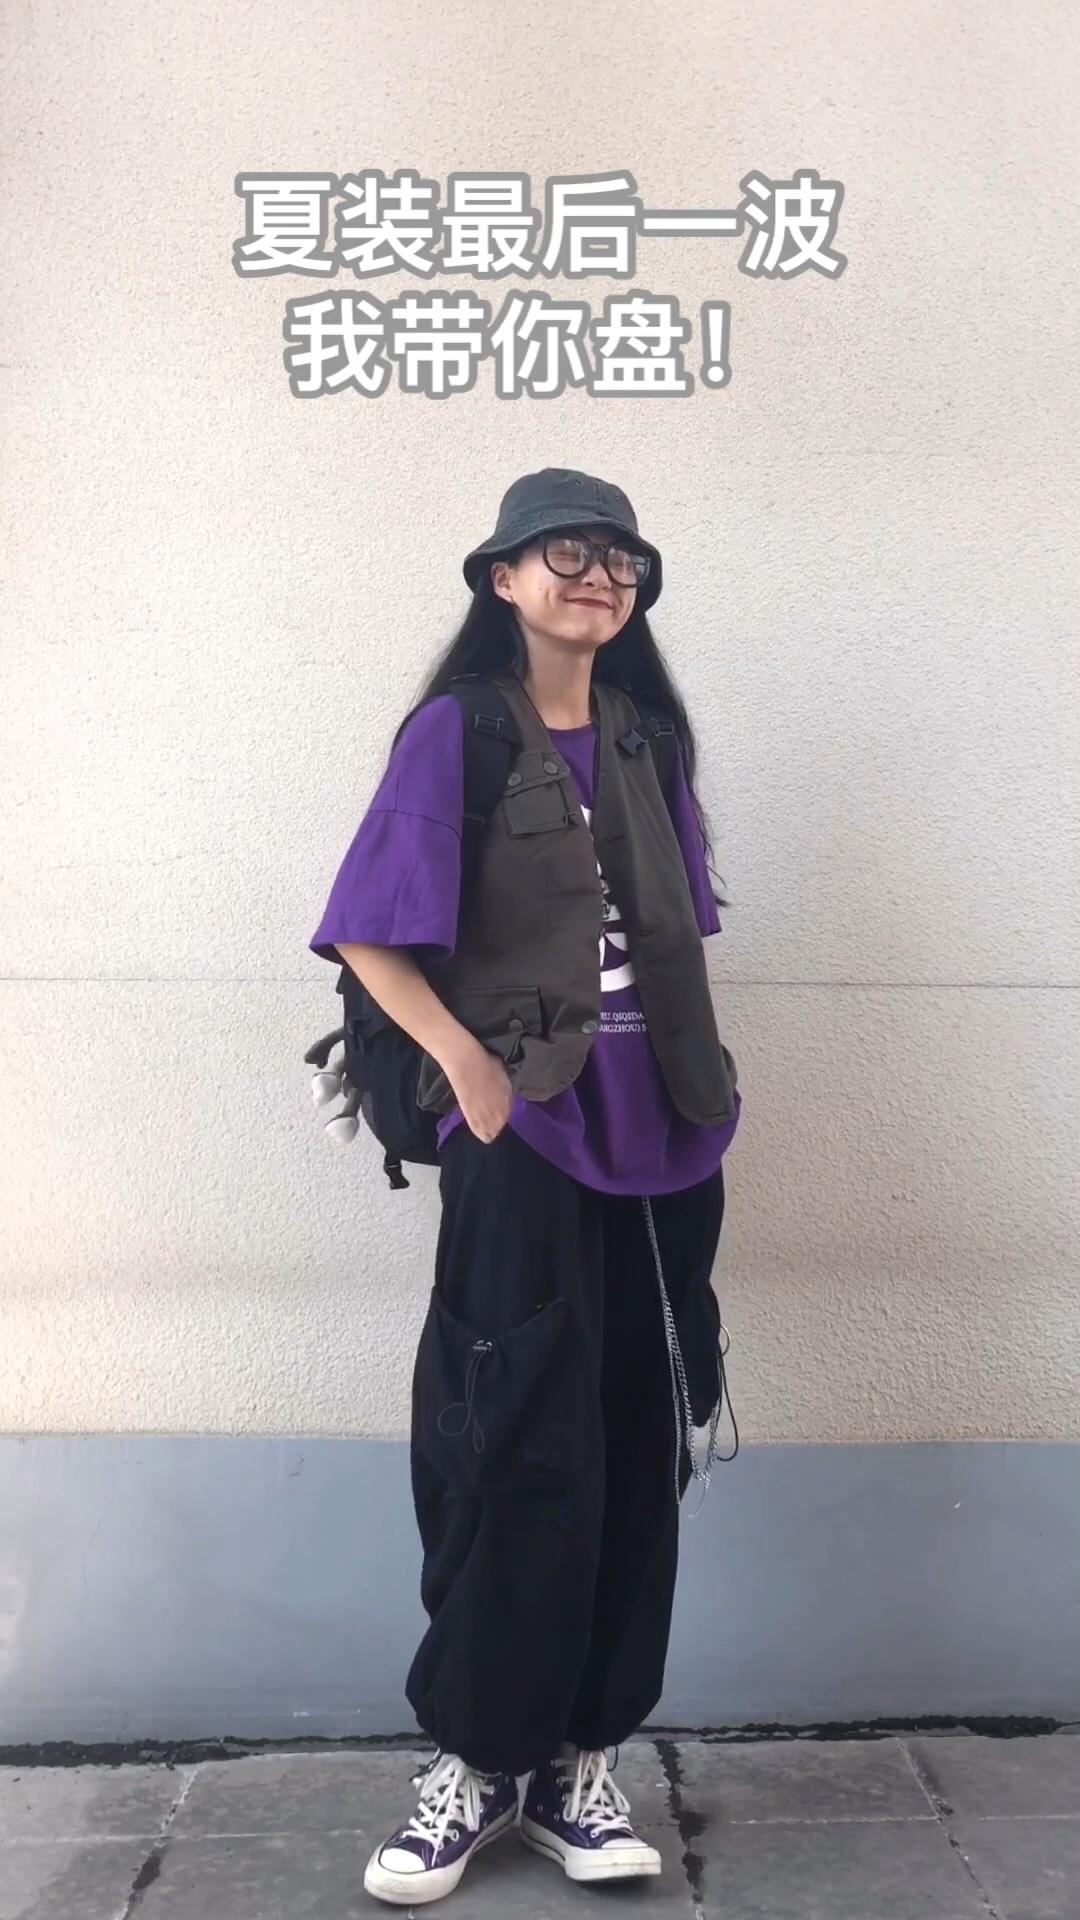 身高160 体重45 南方 这次搭配选择了紫色搭配棕色马甲,以复古为主的风格来,全身有同色系的服饰和配饰,搭配起来快速完整。而且宽松长裤很显瘦高,小矮个的我穿起来腿长一米二了。 分享小个子穿搭,学习穿搭可以关注我哦!#夏装最后一波,我带你盘!#